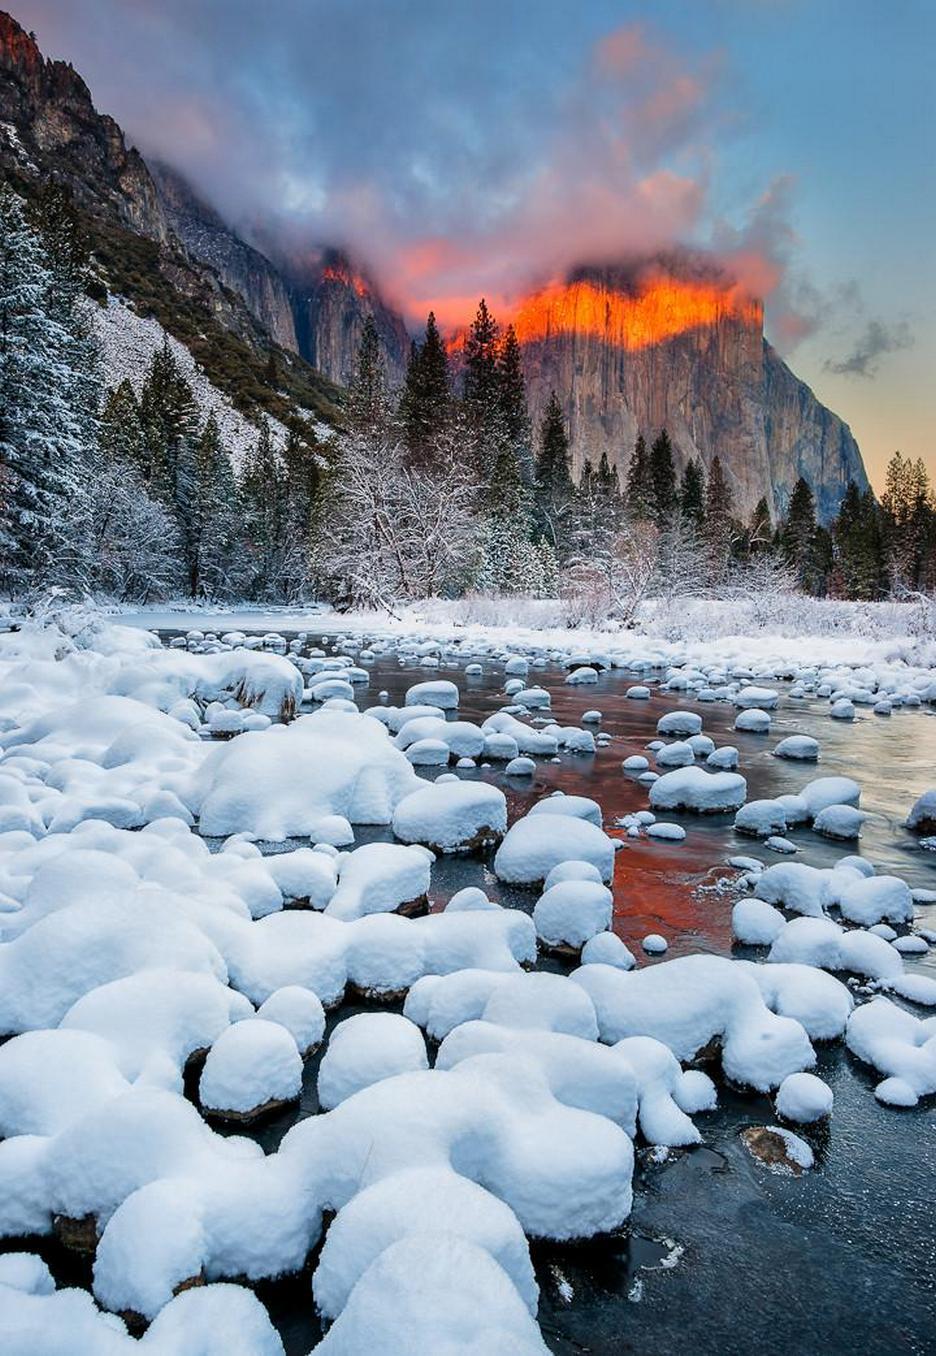 snow mountains trees river 750x1334